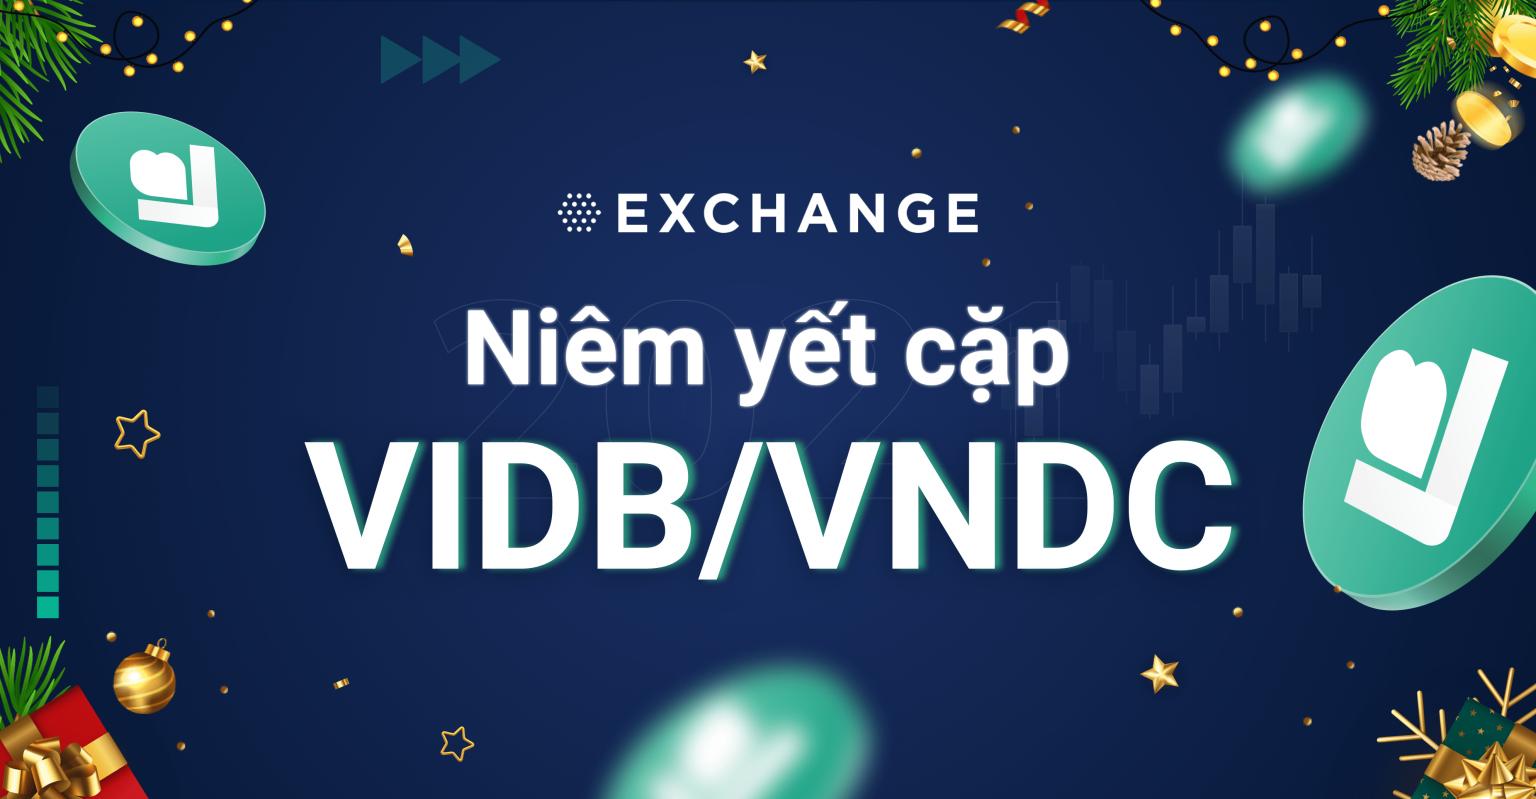 Hướng dẫn nạp/rút VIDB qua Nami trên VNDC Wallet